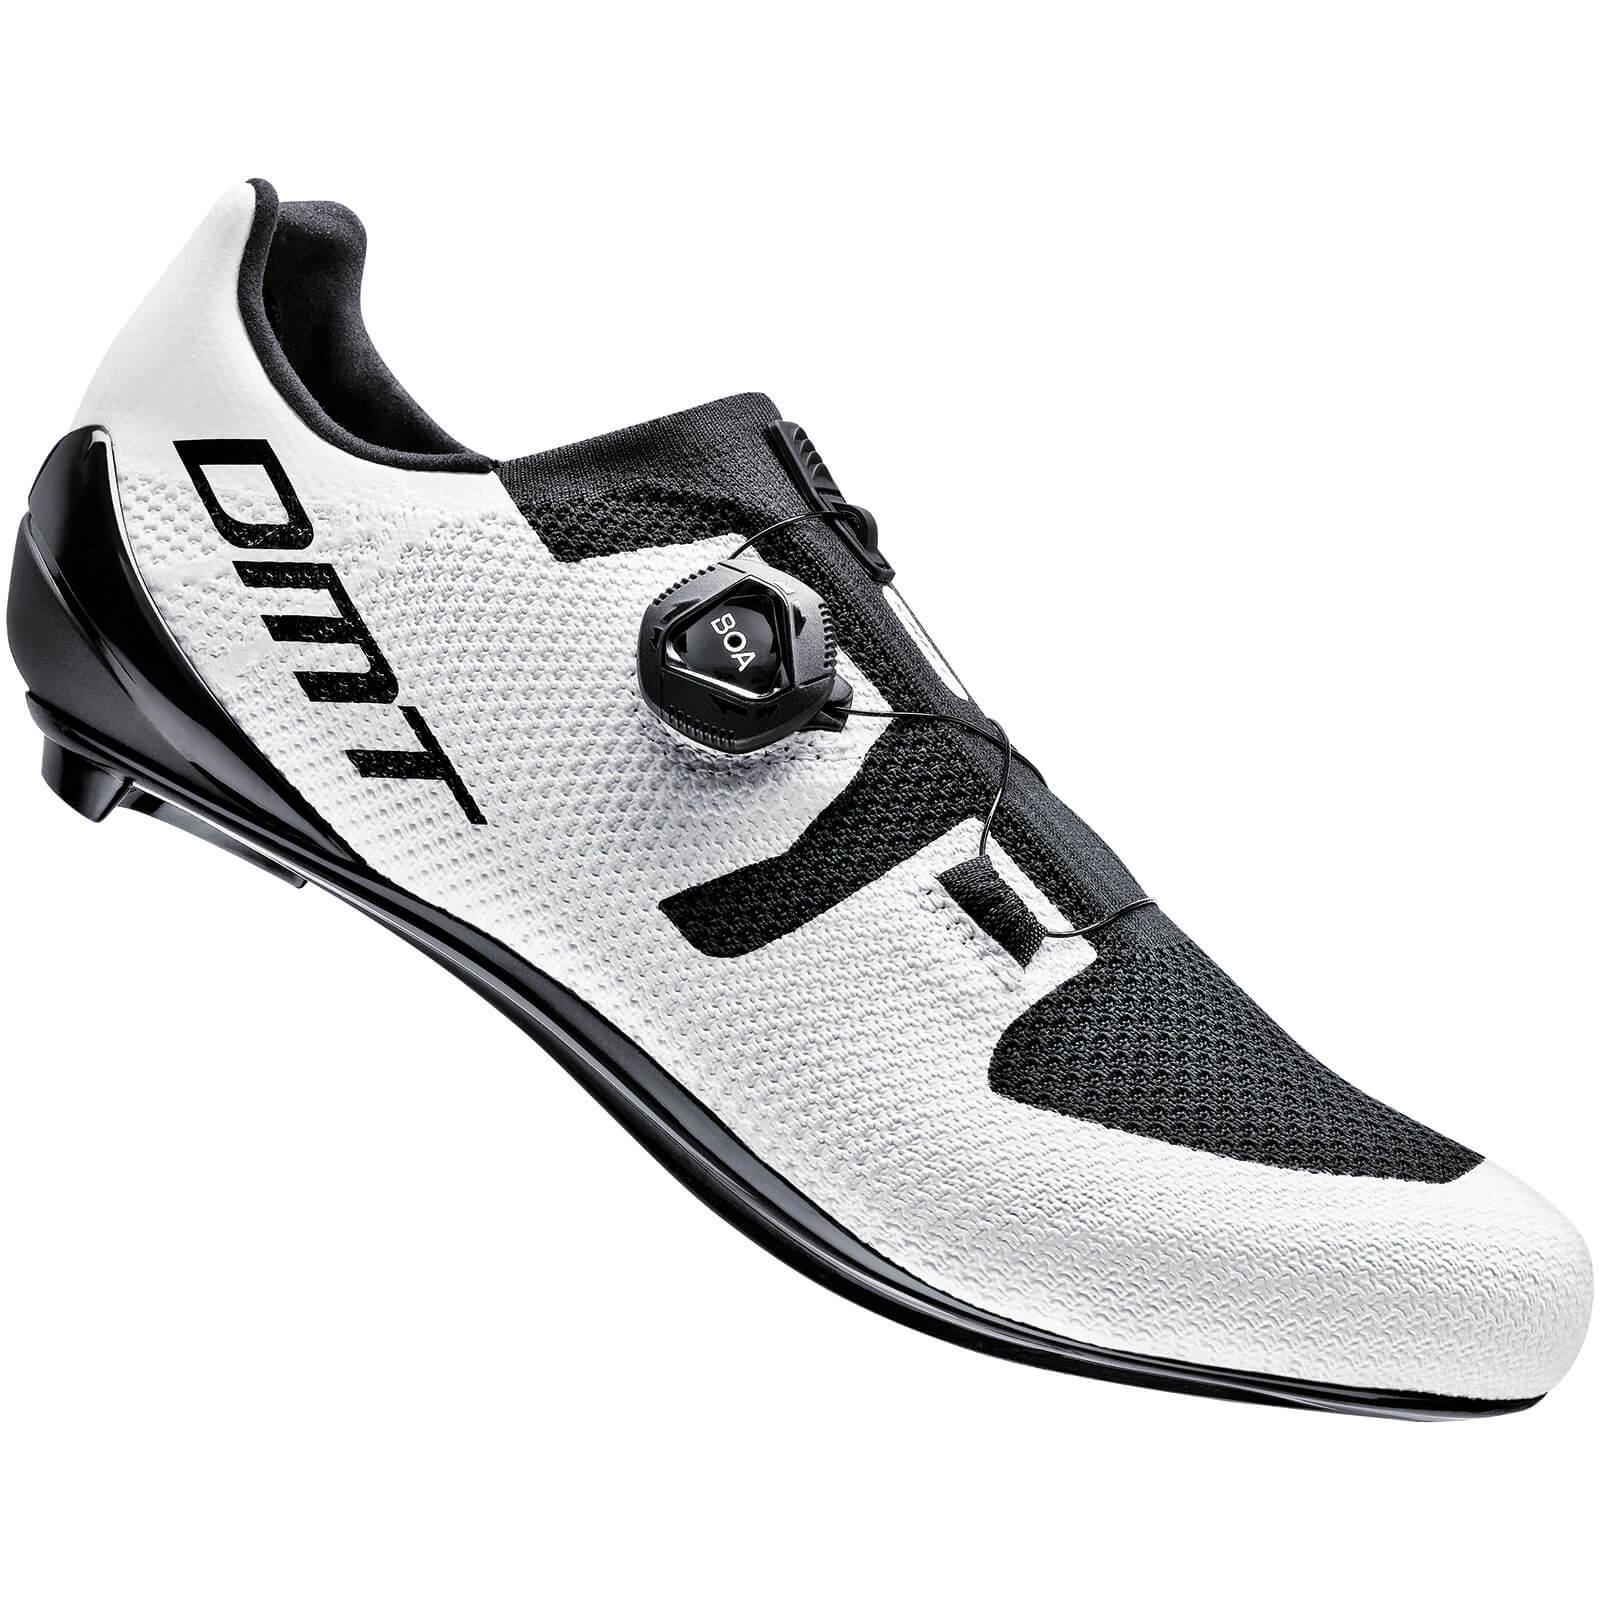 DMT KR3 Road Shoes - EU 41 - White/Black